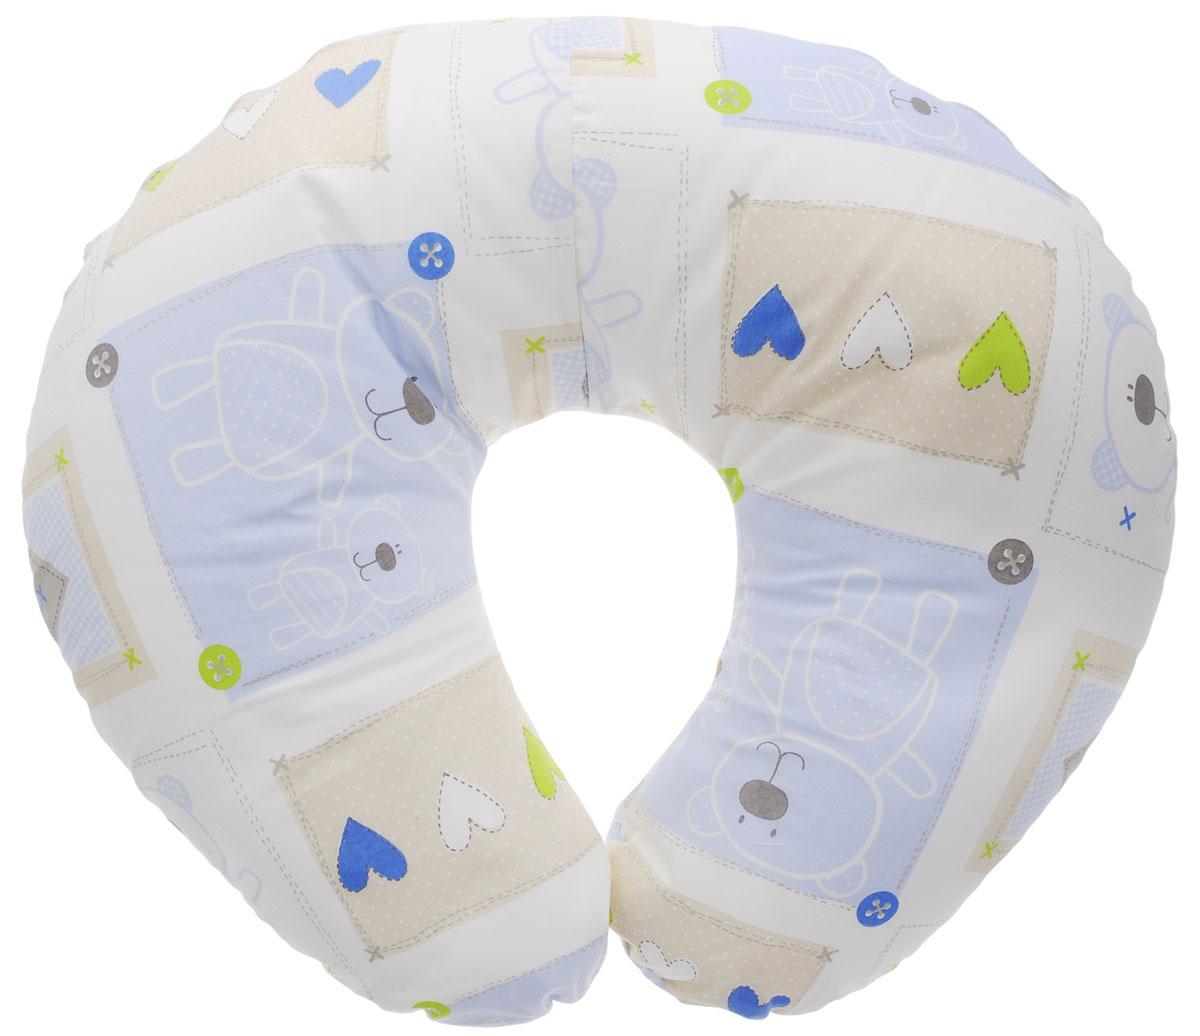 Plantex Подушка для кормящих и беременных мам Comfy Small Мишка и сердечки01030_мишка и сердечки бежевый голубойМногофункциональная подушка Plantex Comfy Small идеальна для удобства ребенка и его родителей.Зачастую именно эта модель называется подушкой для беременных. Ведь она создана именно для будущих мам с учетом всех анатомических особенностей в этот период. На любом сроке беременности она бережно поддержит растущий животик и поможет сохранить комфортное и безопасное положение во время сна. Подушка идеально подходит для кормления уже появившегося малыша. Позже многофункциональная подушка поможет ему сохранить равновесие при первых попытках сесть.Чехол подушки выполнен из 100% хлопка и снабжен застежкой-молнией, что позволяет без труда снять и постирать его. Наполнителем подушки служат полистироловые шарики - экологичные, не деформируются сами и хорошо сохраняют форму подушки.Подушка для кормящих и беременных мам Plantex Comfy Small - это удобная и практичная вещь, которая прослужит вам долгое время.Подушка поставляется в сумке-чехле.При использовании рекомендуется следующий уход: наволочка - машинная стирка и глажение, подушка с наполнителем - ручная стирка.Список вещей в роддом. Статья OZON Гид